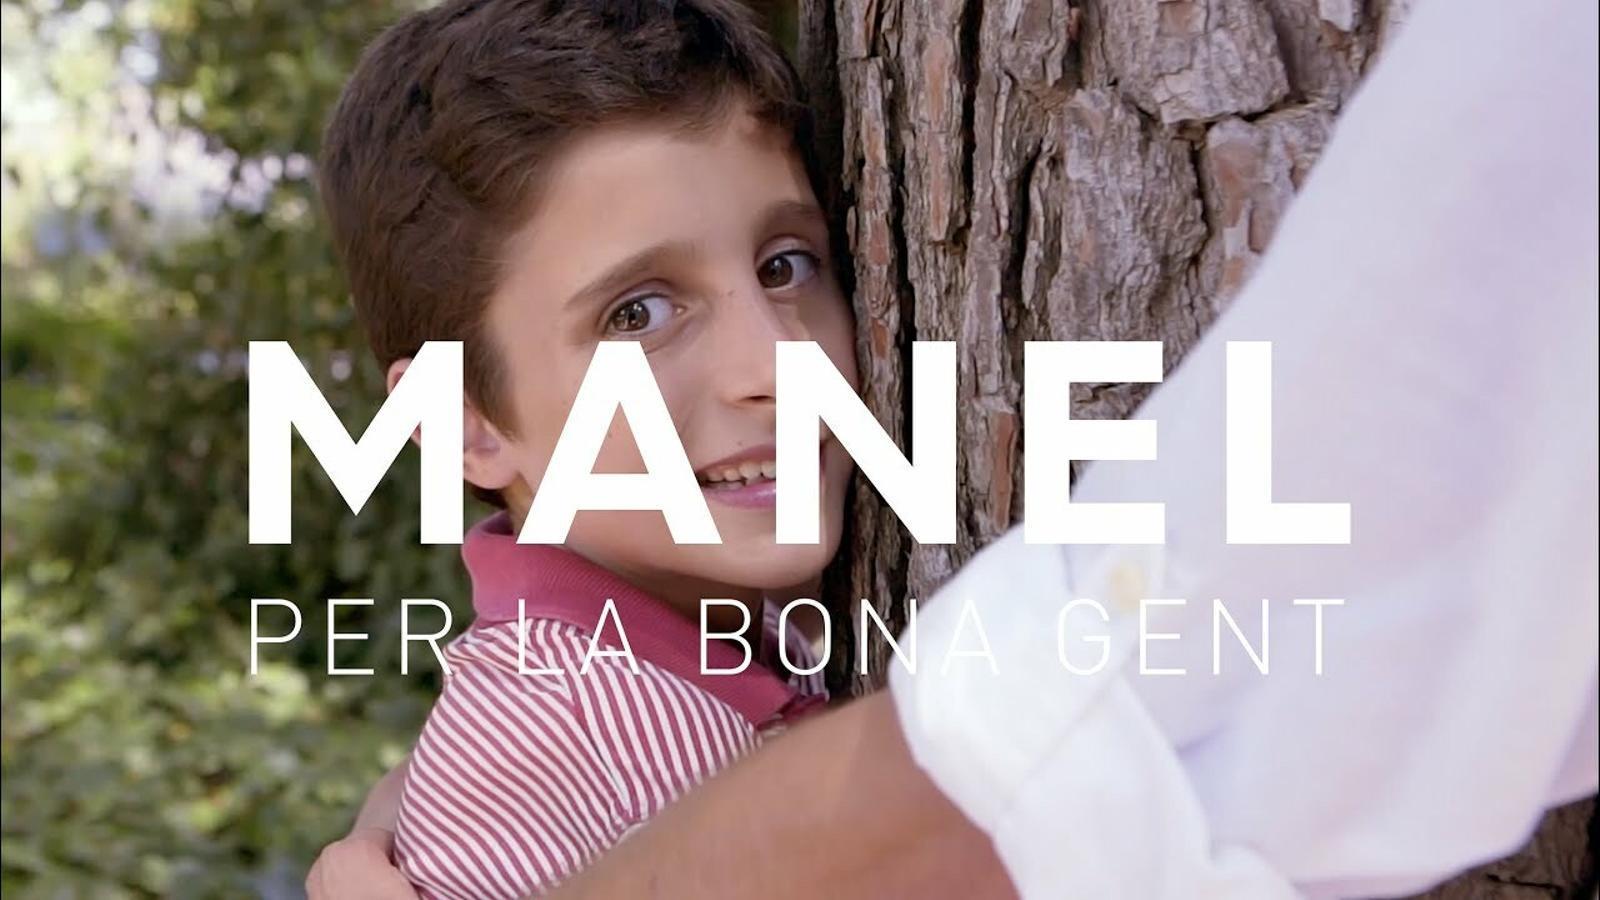 Manel, 'Per la bona gent'